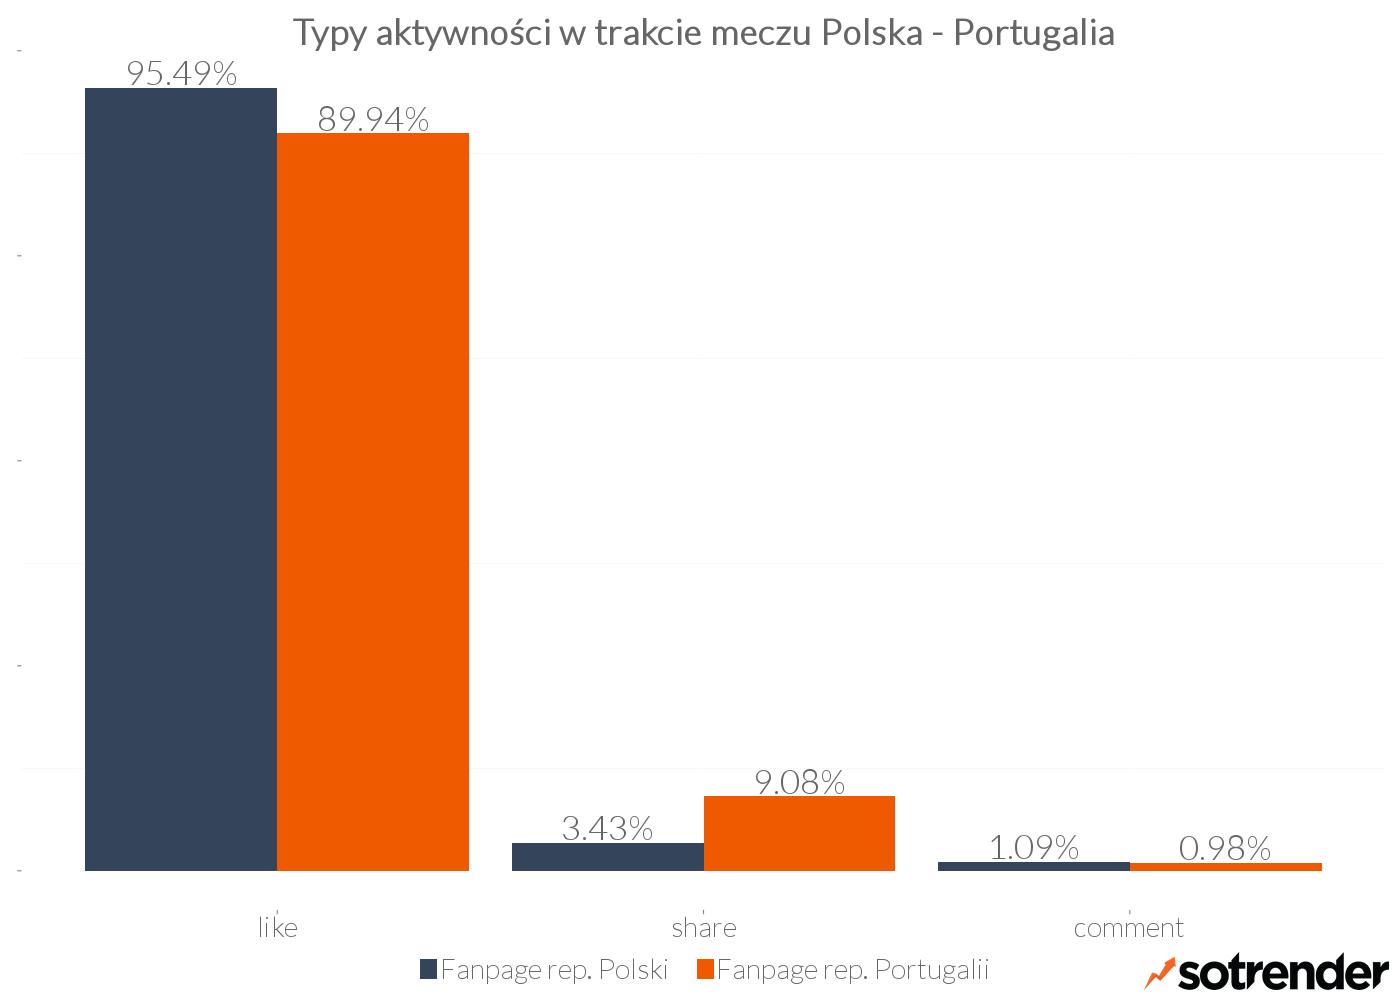 Typy aktywności na stronach reprezentacji Polski i Portugalii podczas meczu ćwierćfinałowego na EURO 2016